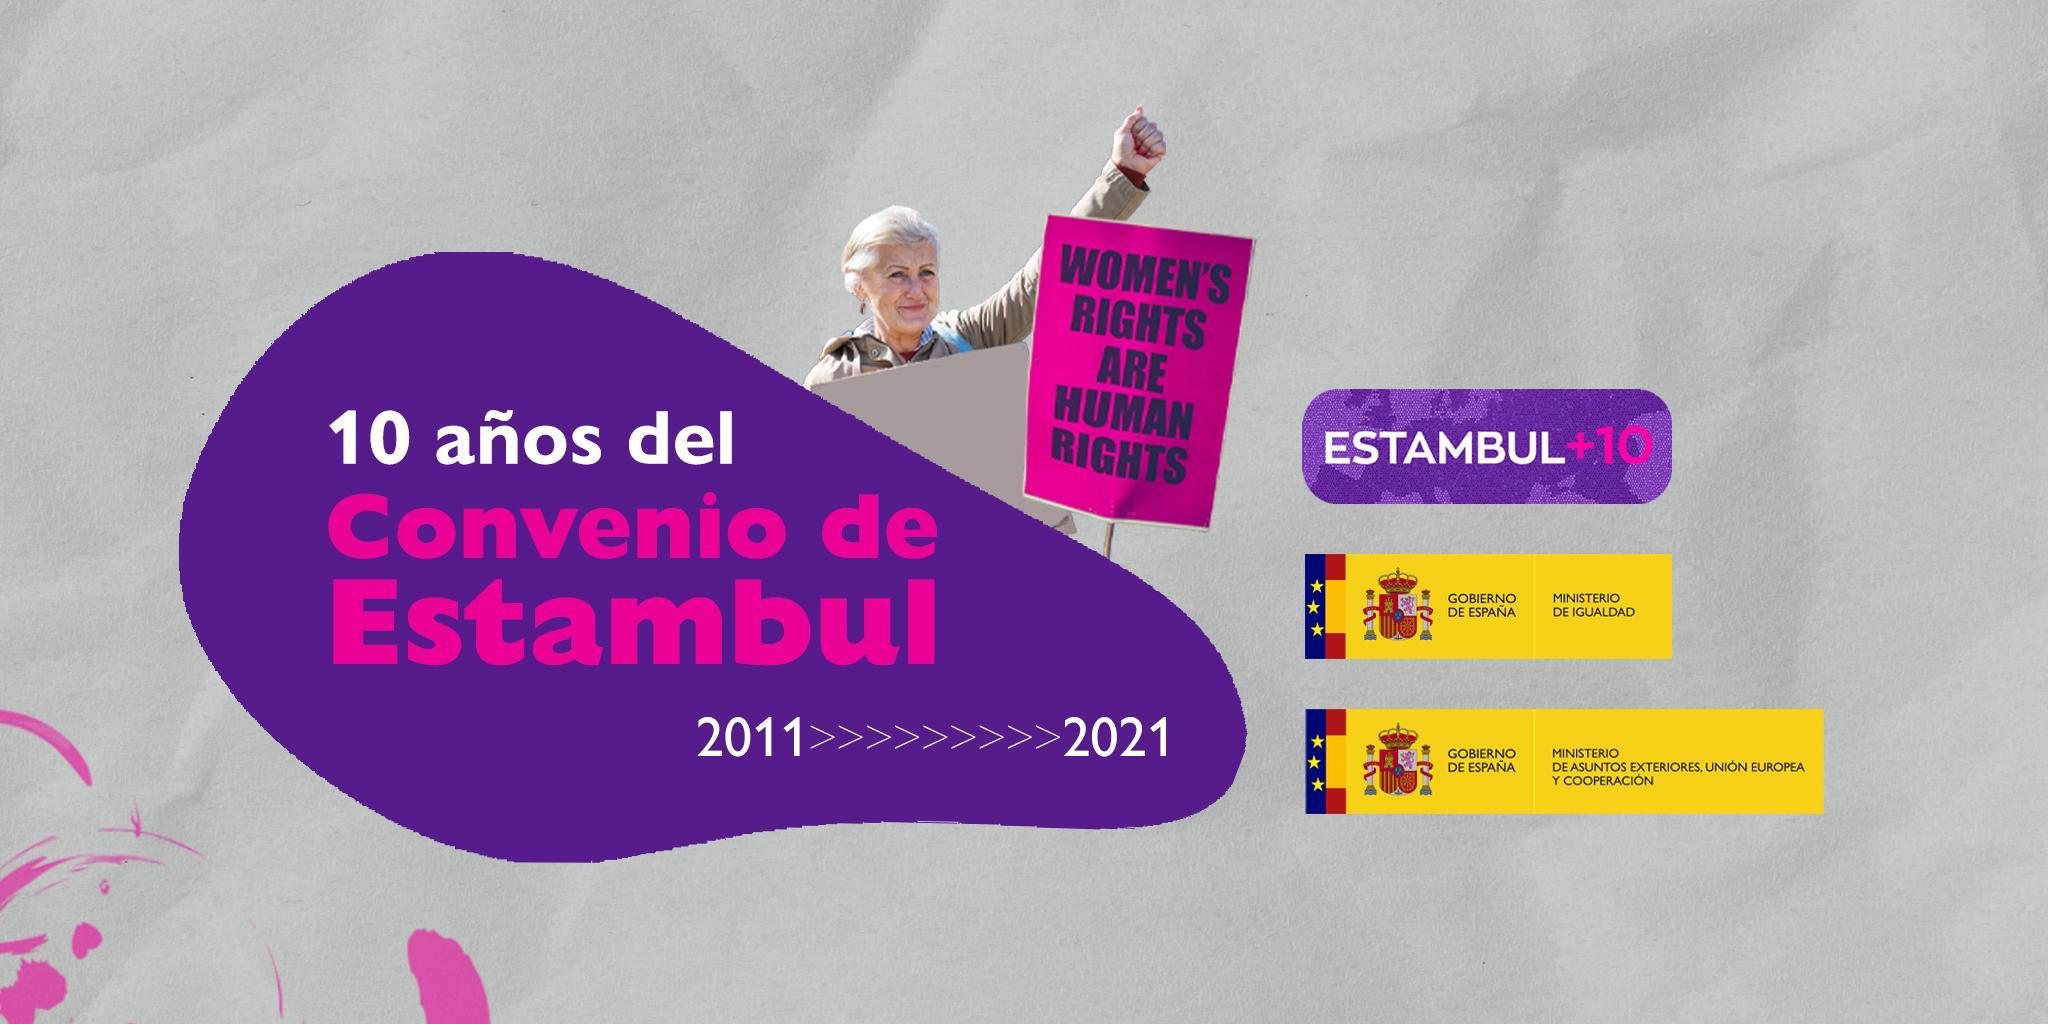 Cartel Convenio de Estambul